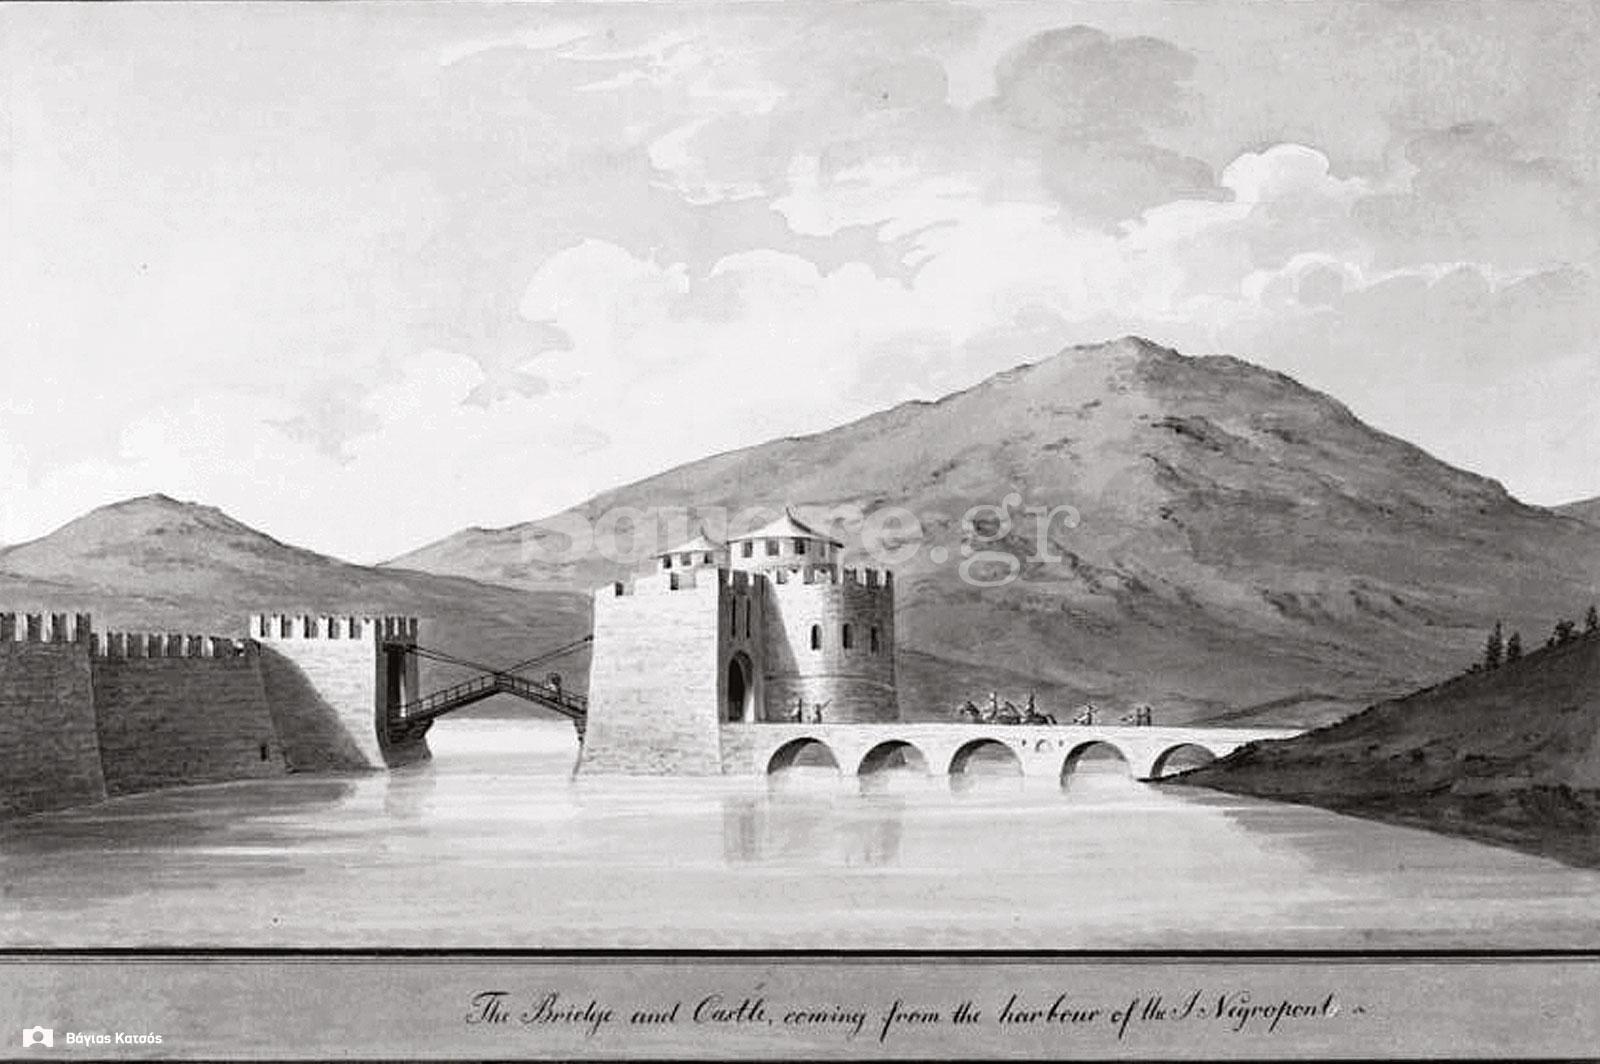 1-Τοπιογραφία-Ferdinand-Bauer-1-1-1787-Η-γέφυρα-και-το-κάστρο-του-Ευρίπου-Θέα-από-το-βόρειο-λιμάνι